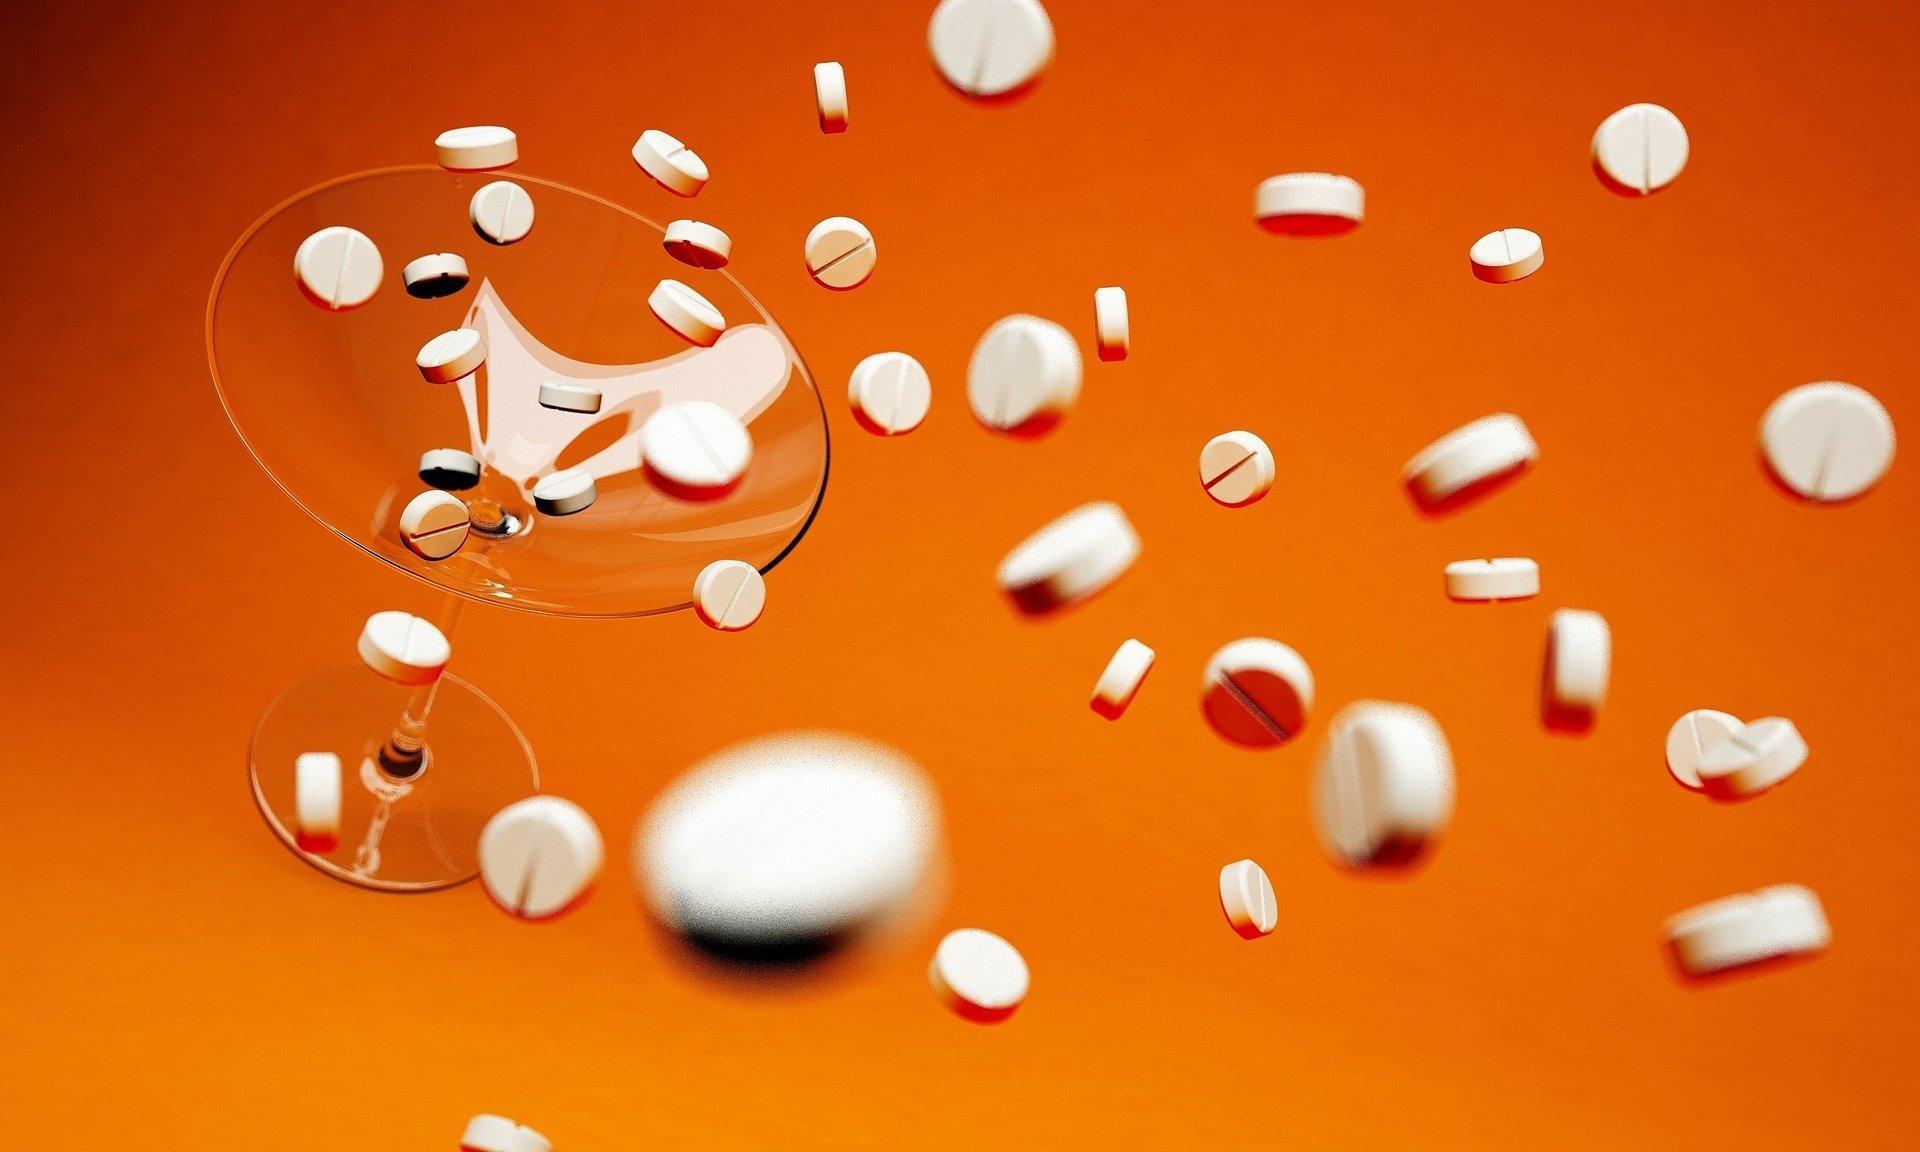 Forschung in opioid-Schmerzmittel könnte Hinweise liefern für sicherere Arzneimittel-Entwicklung